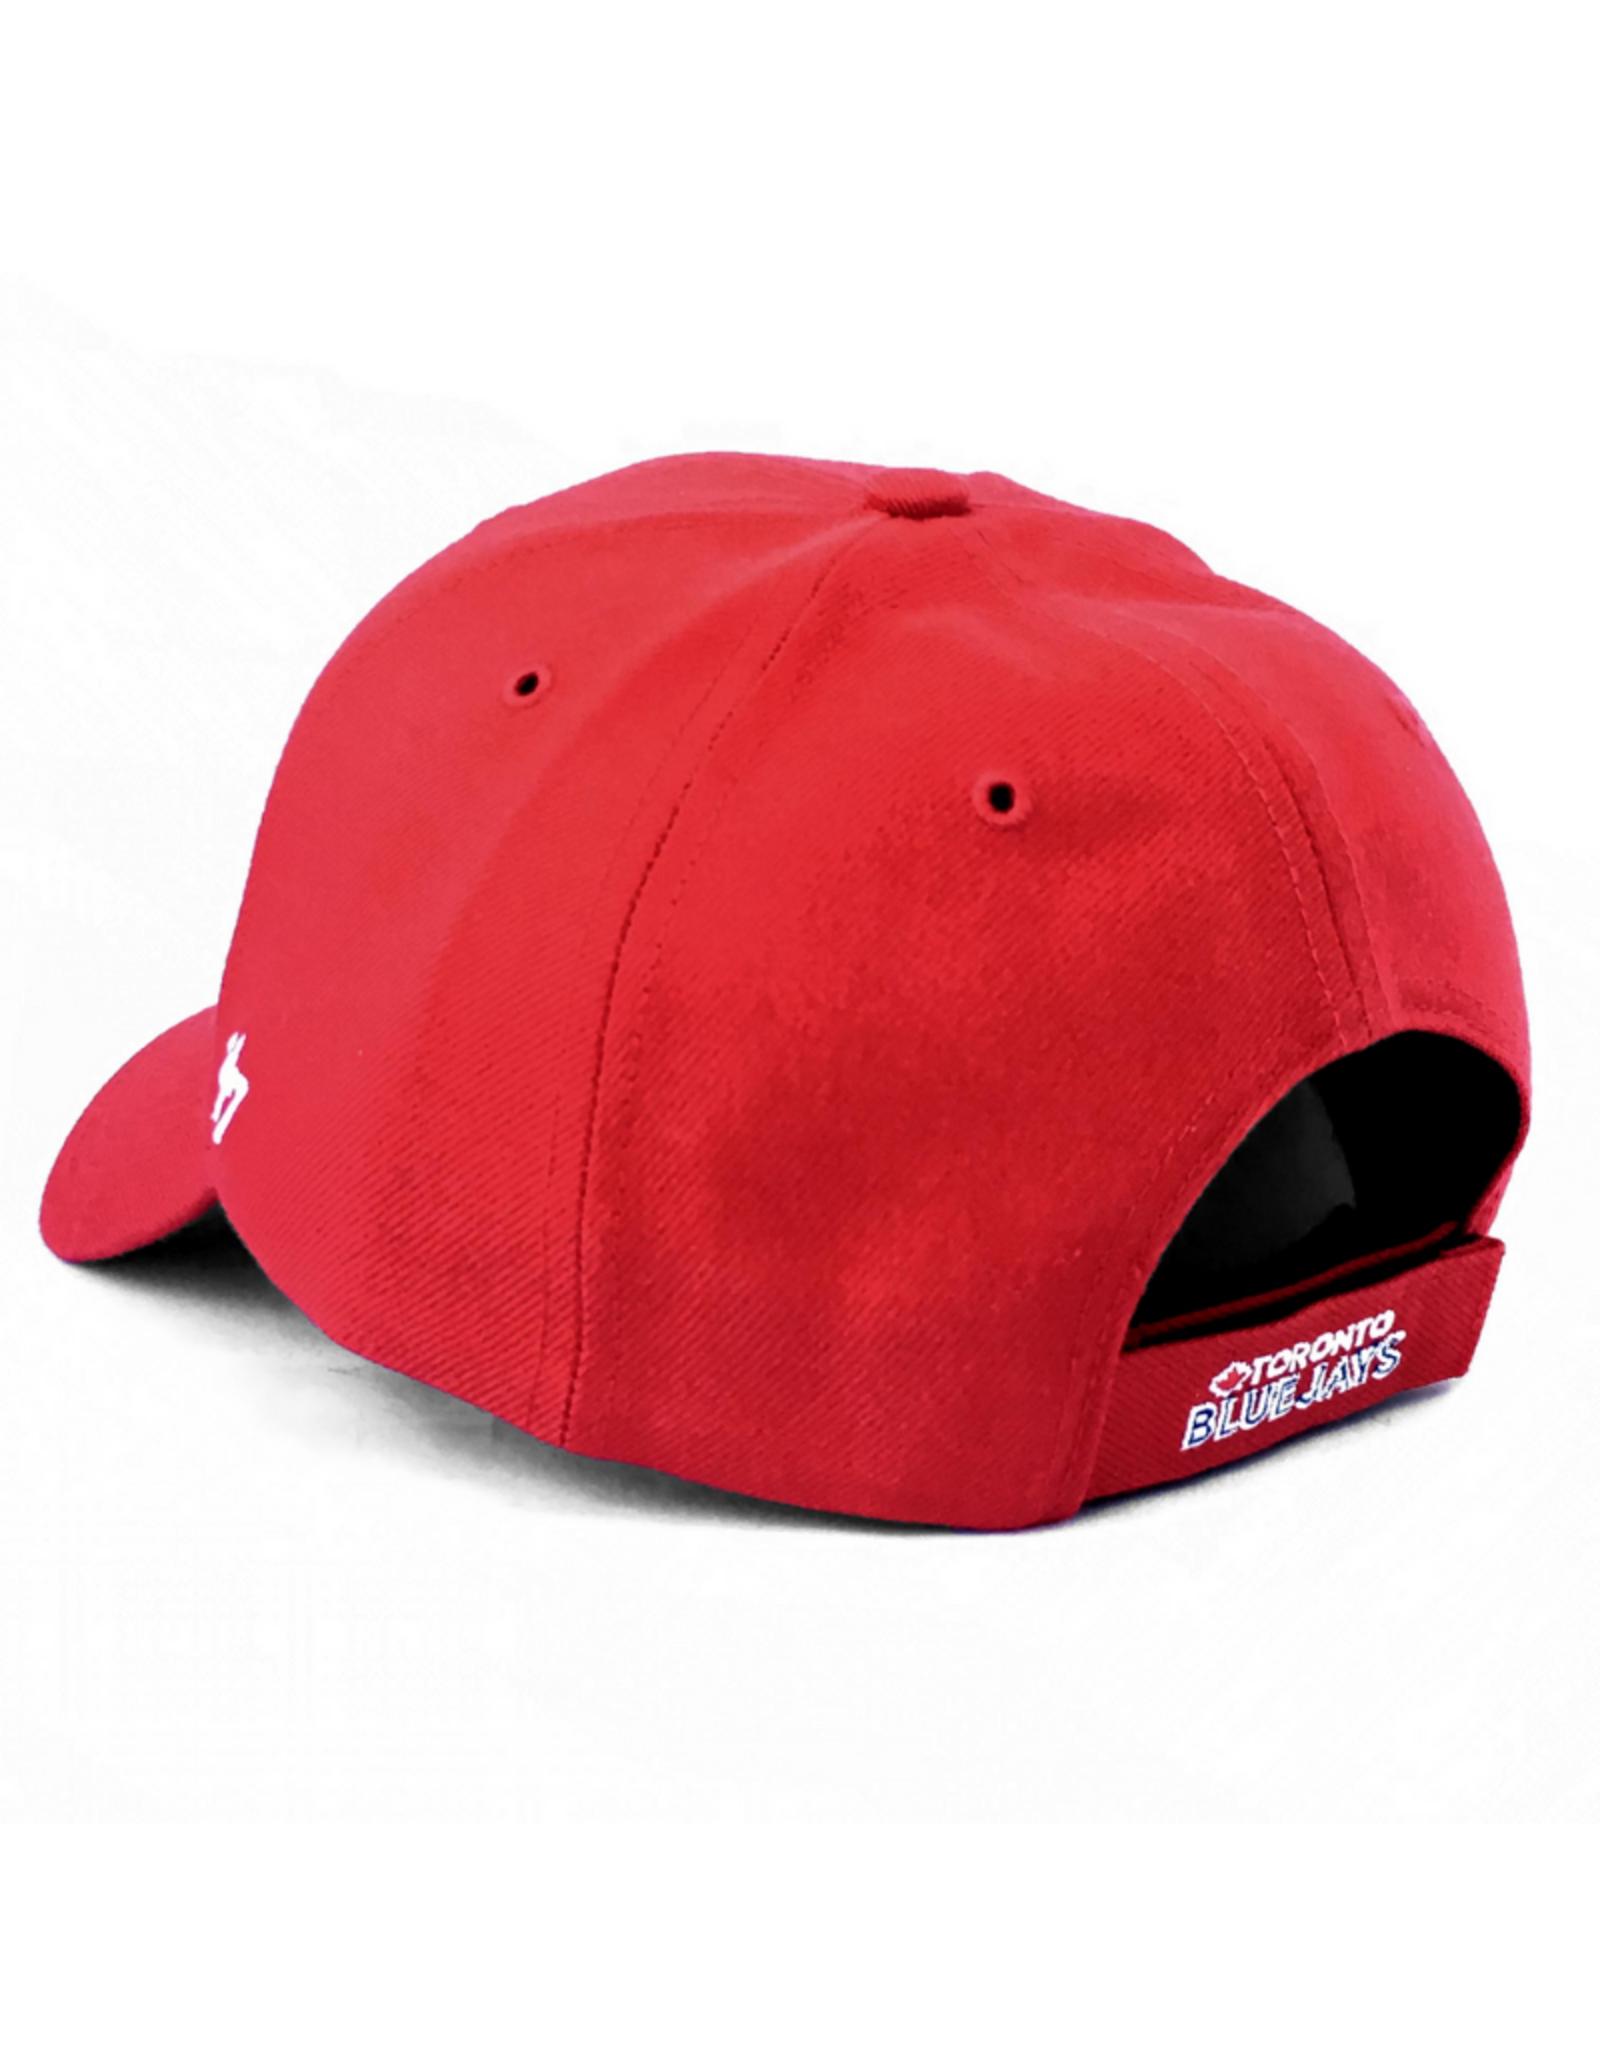 '47 MVP Men's Hat Toronto Blue Jays Red Adjustable